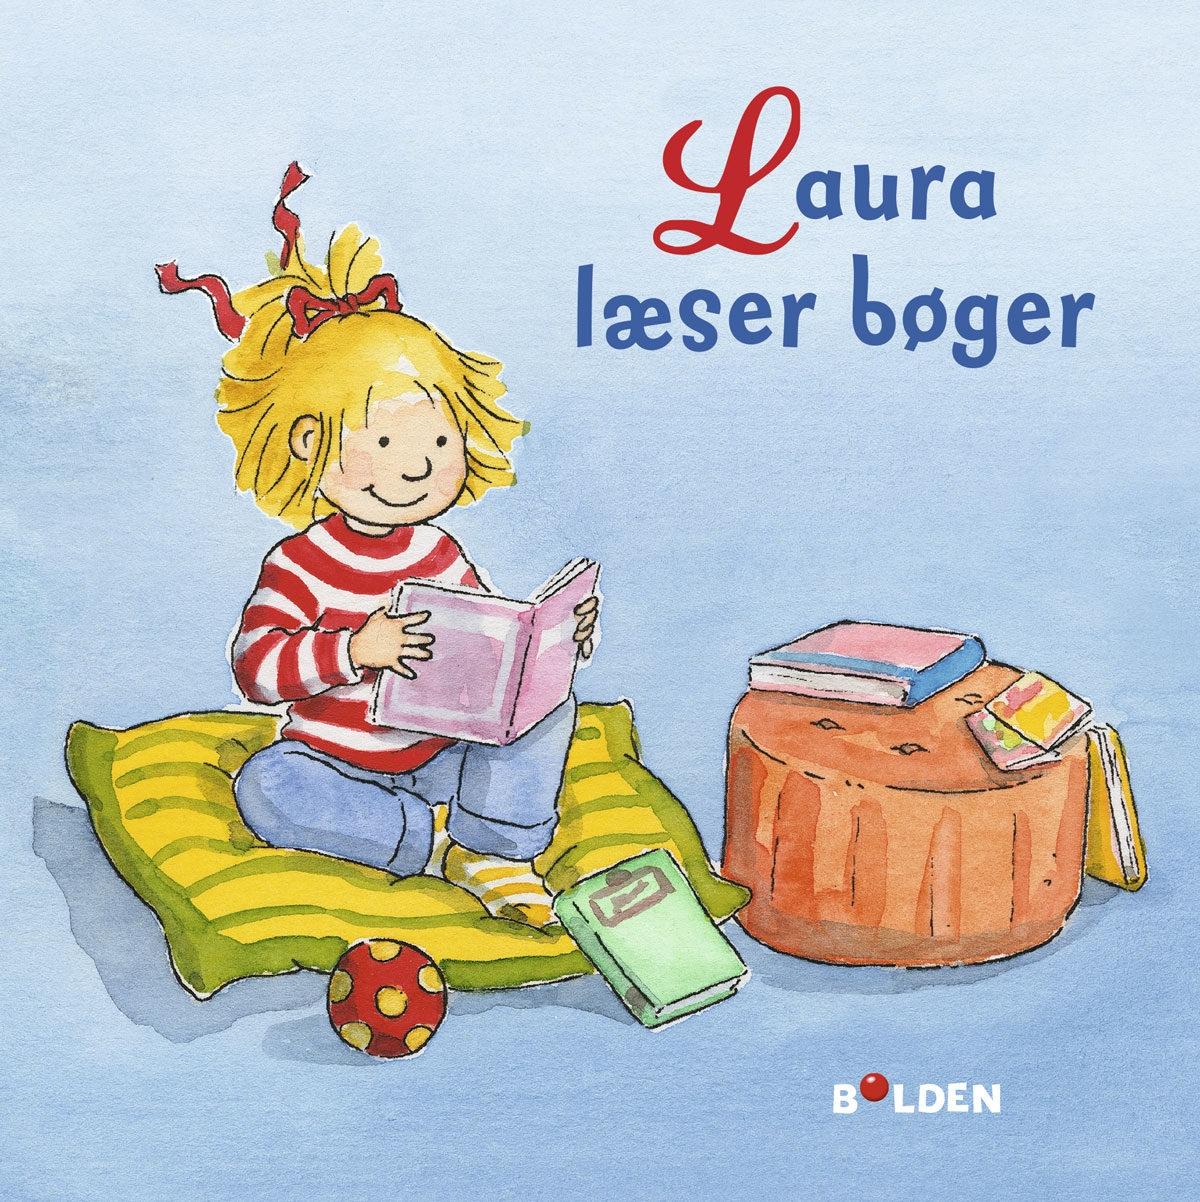 Laura læser bøger